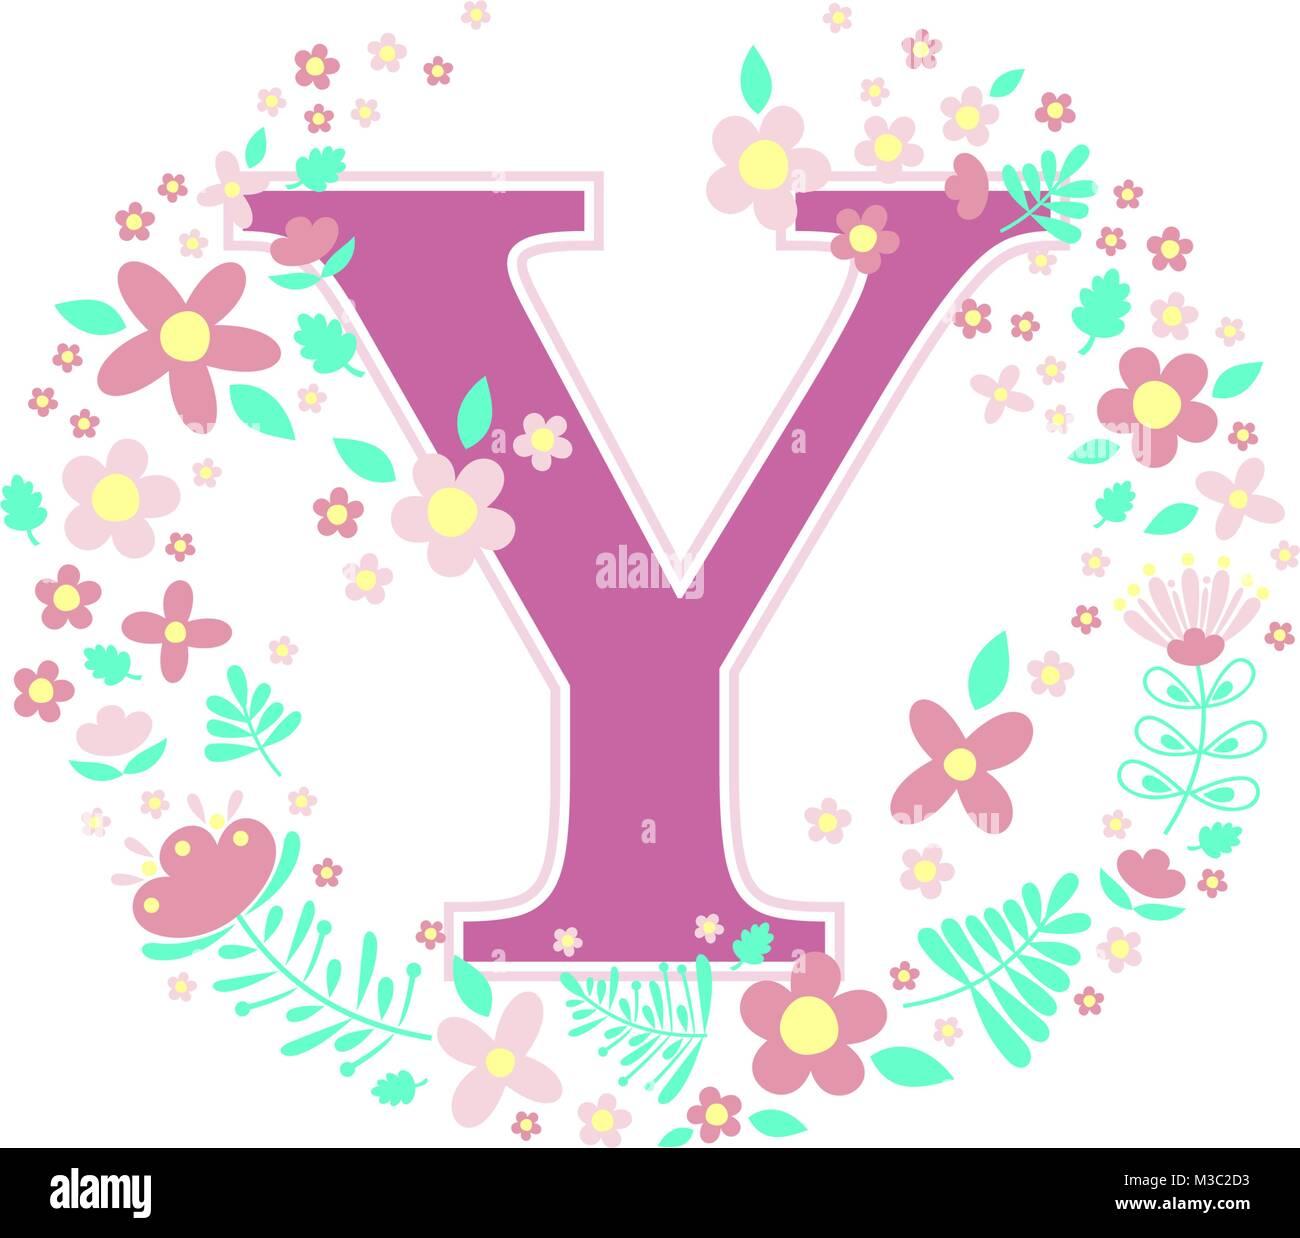 Letter Y Vectors Stock Photos & Letter Y Vectors Stock Images - Alamy